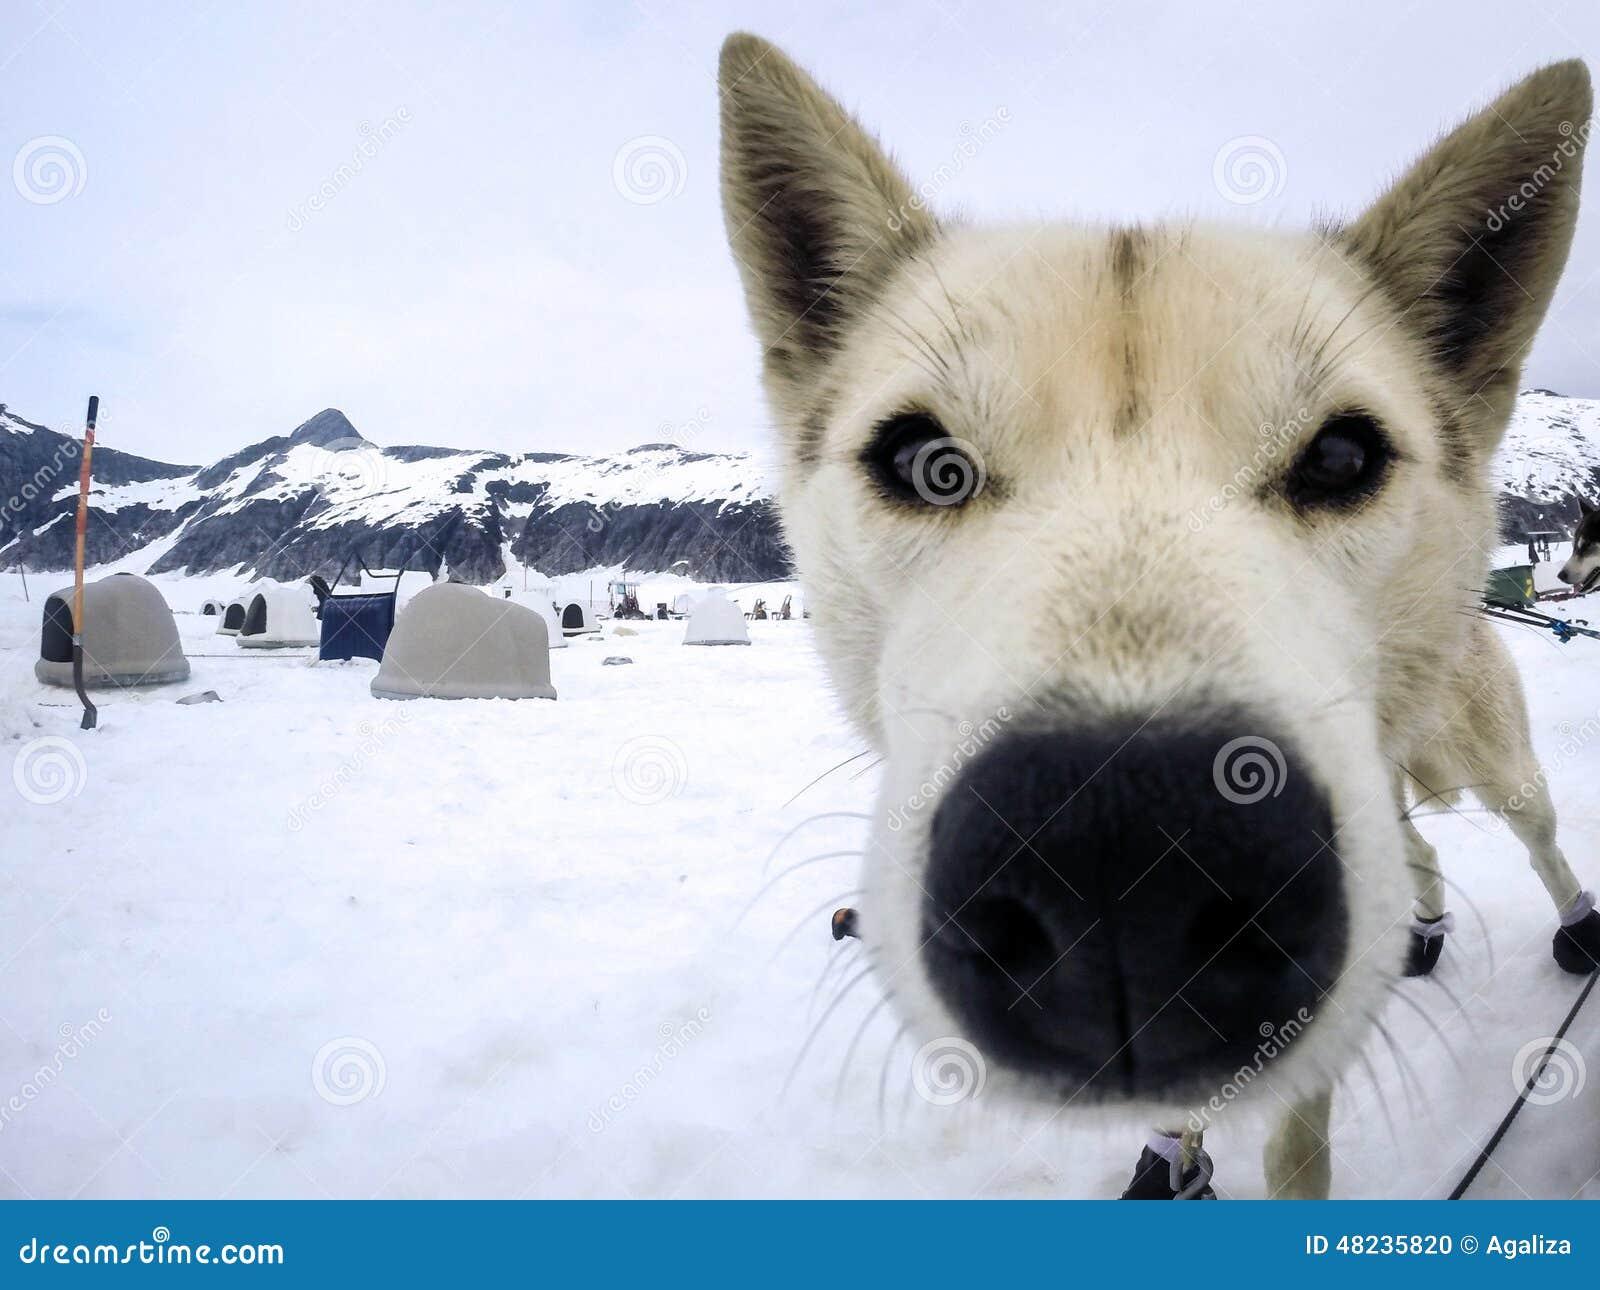 sled dogs cartoon vector